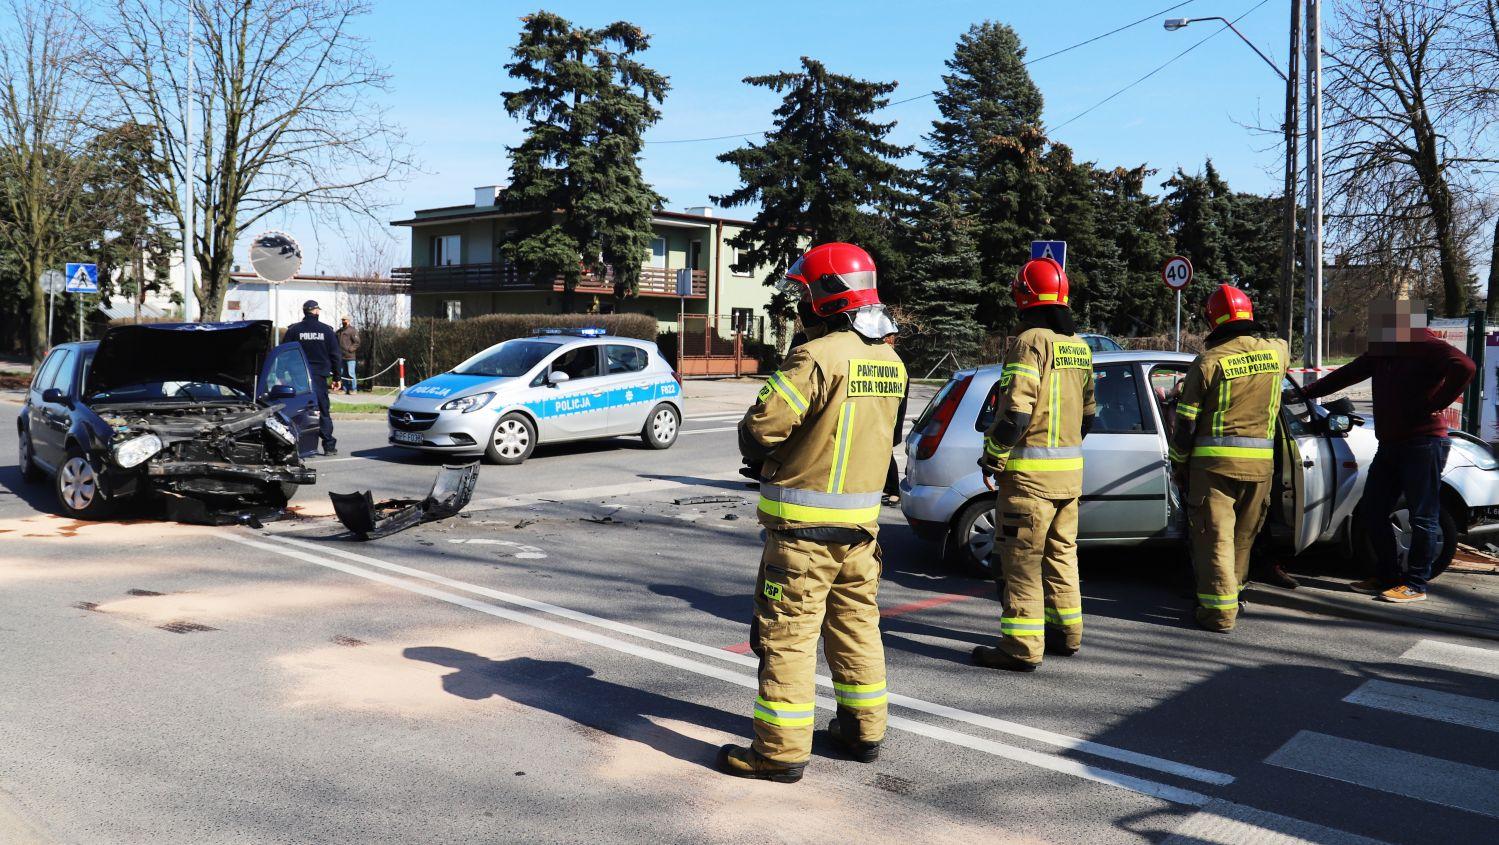 [ZDJĘCIA] Kraksa w Kutnie. Rozbity samochód blokuje skrzyżowanie - Zdjęcie główne